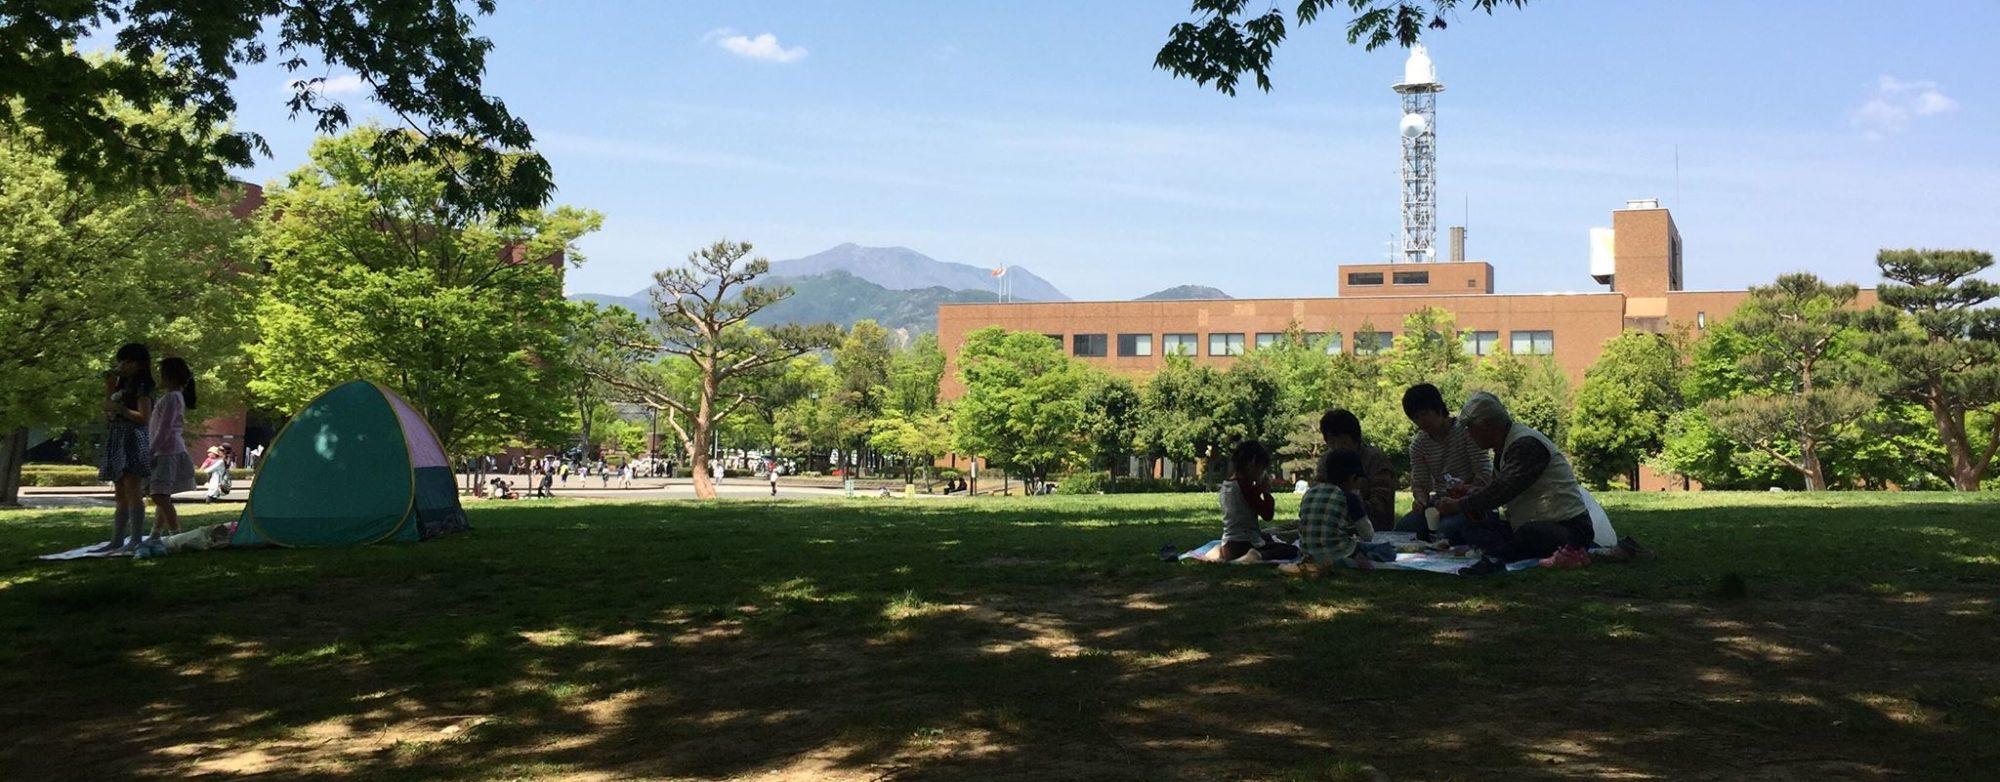 よむナガノ 県立長野図書館ブログ